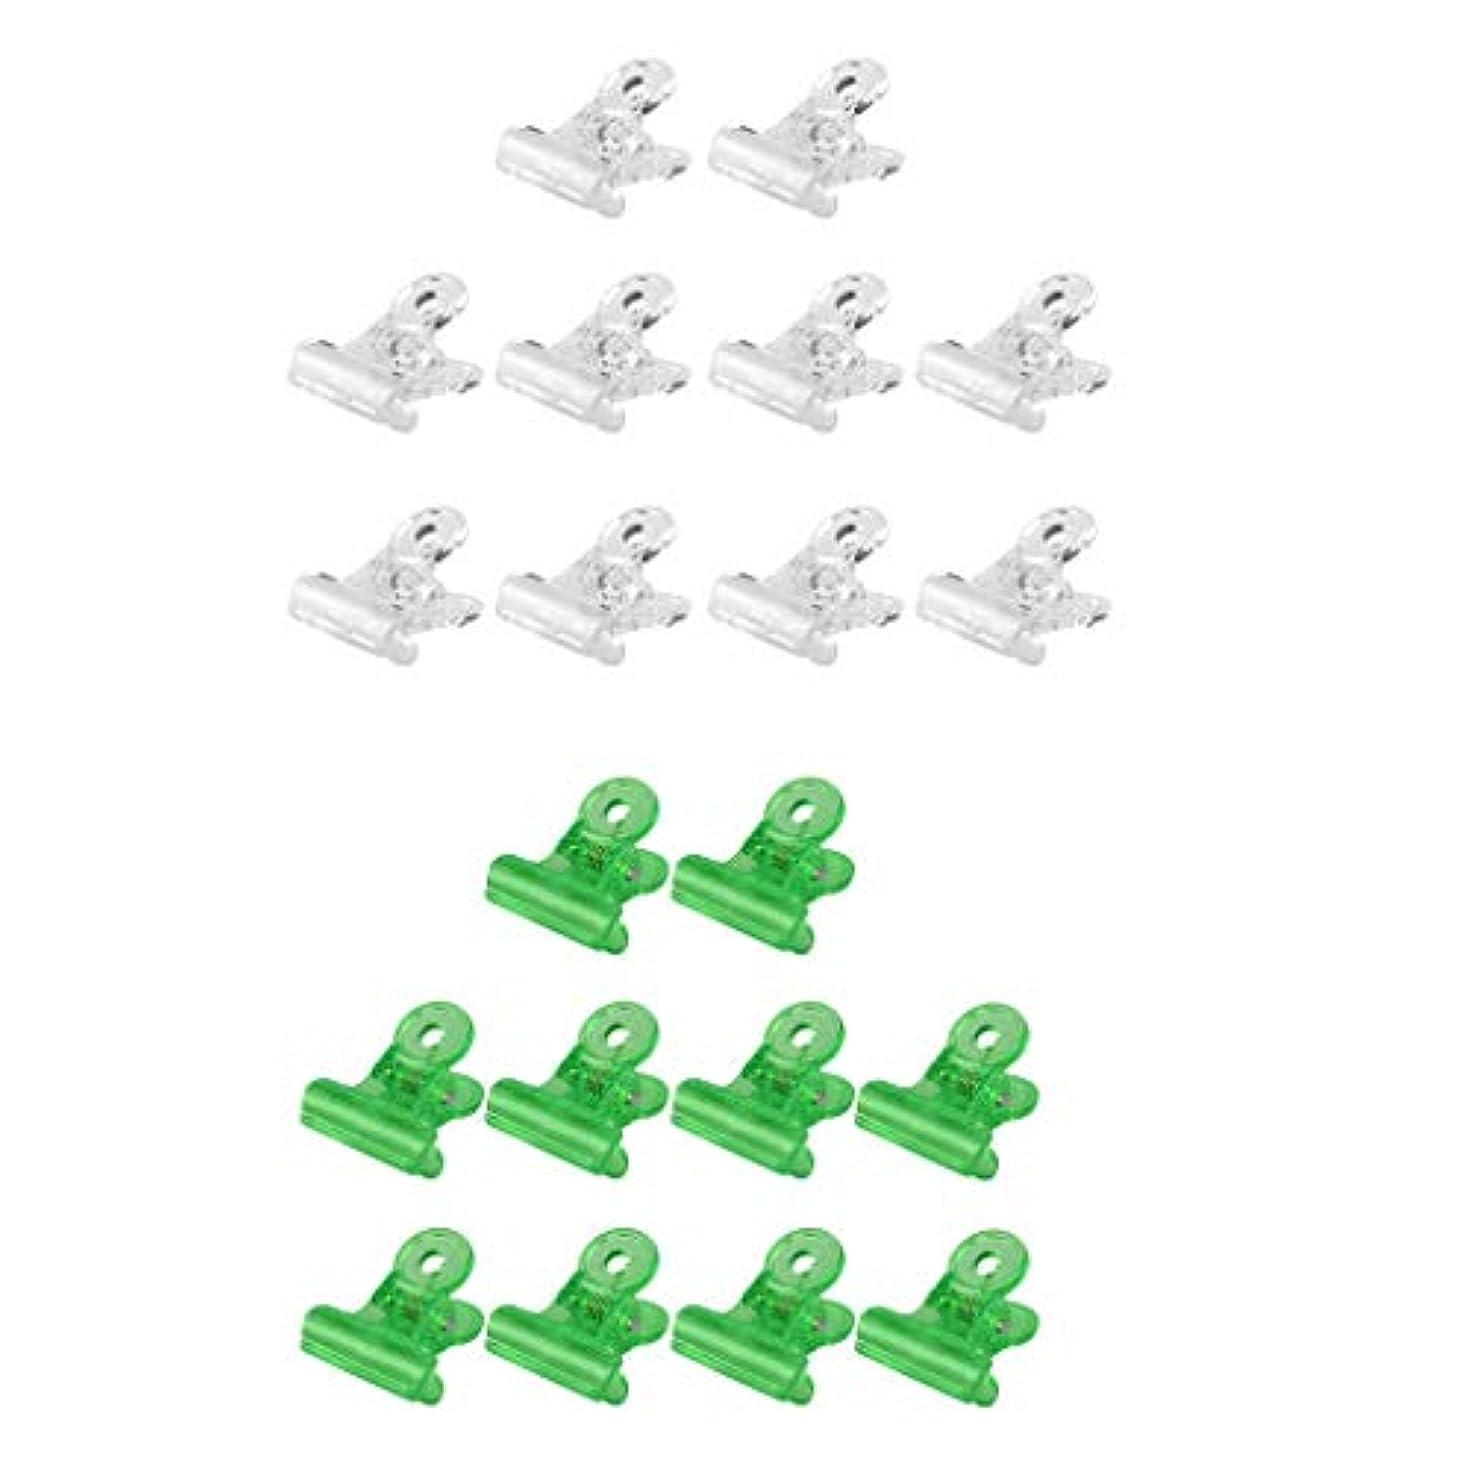 ピア明示的にギャンブルPerfeclan ネイルクリップ オフ ジェルネイルポリッシュ クリーナークリップ 再利用可能 20個セット 全3種 - グリーン+クリア